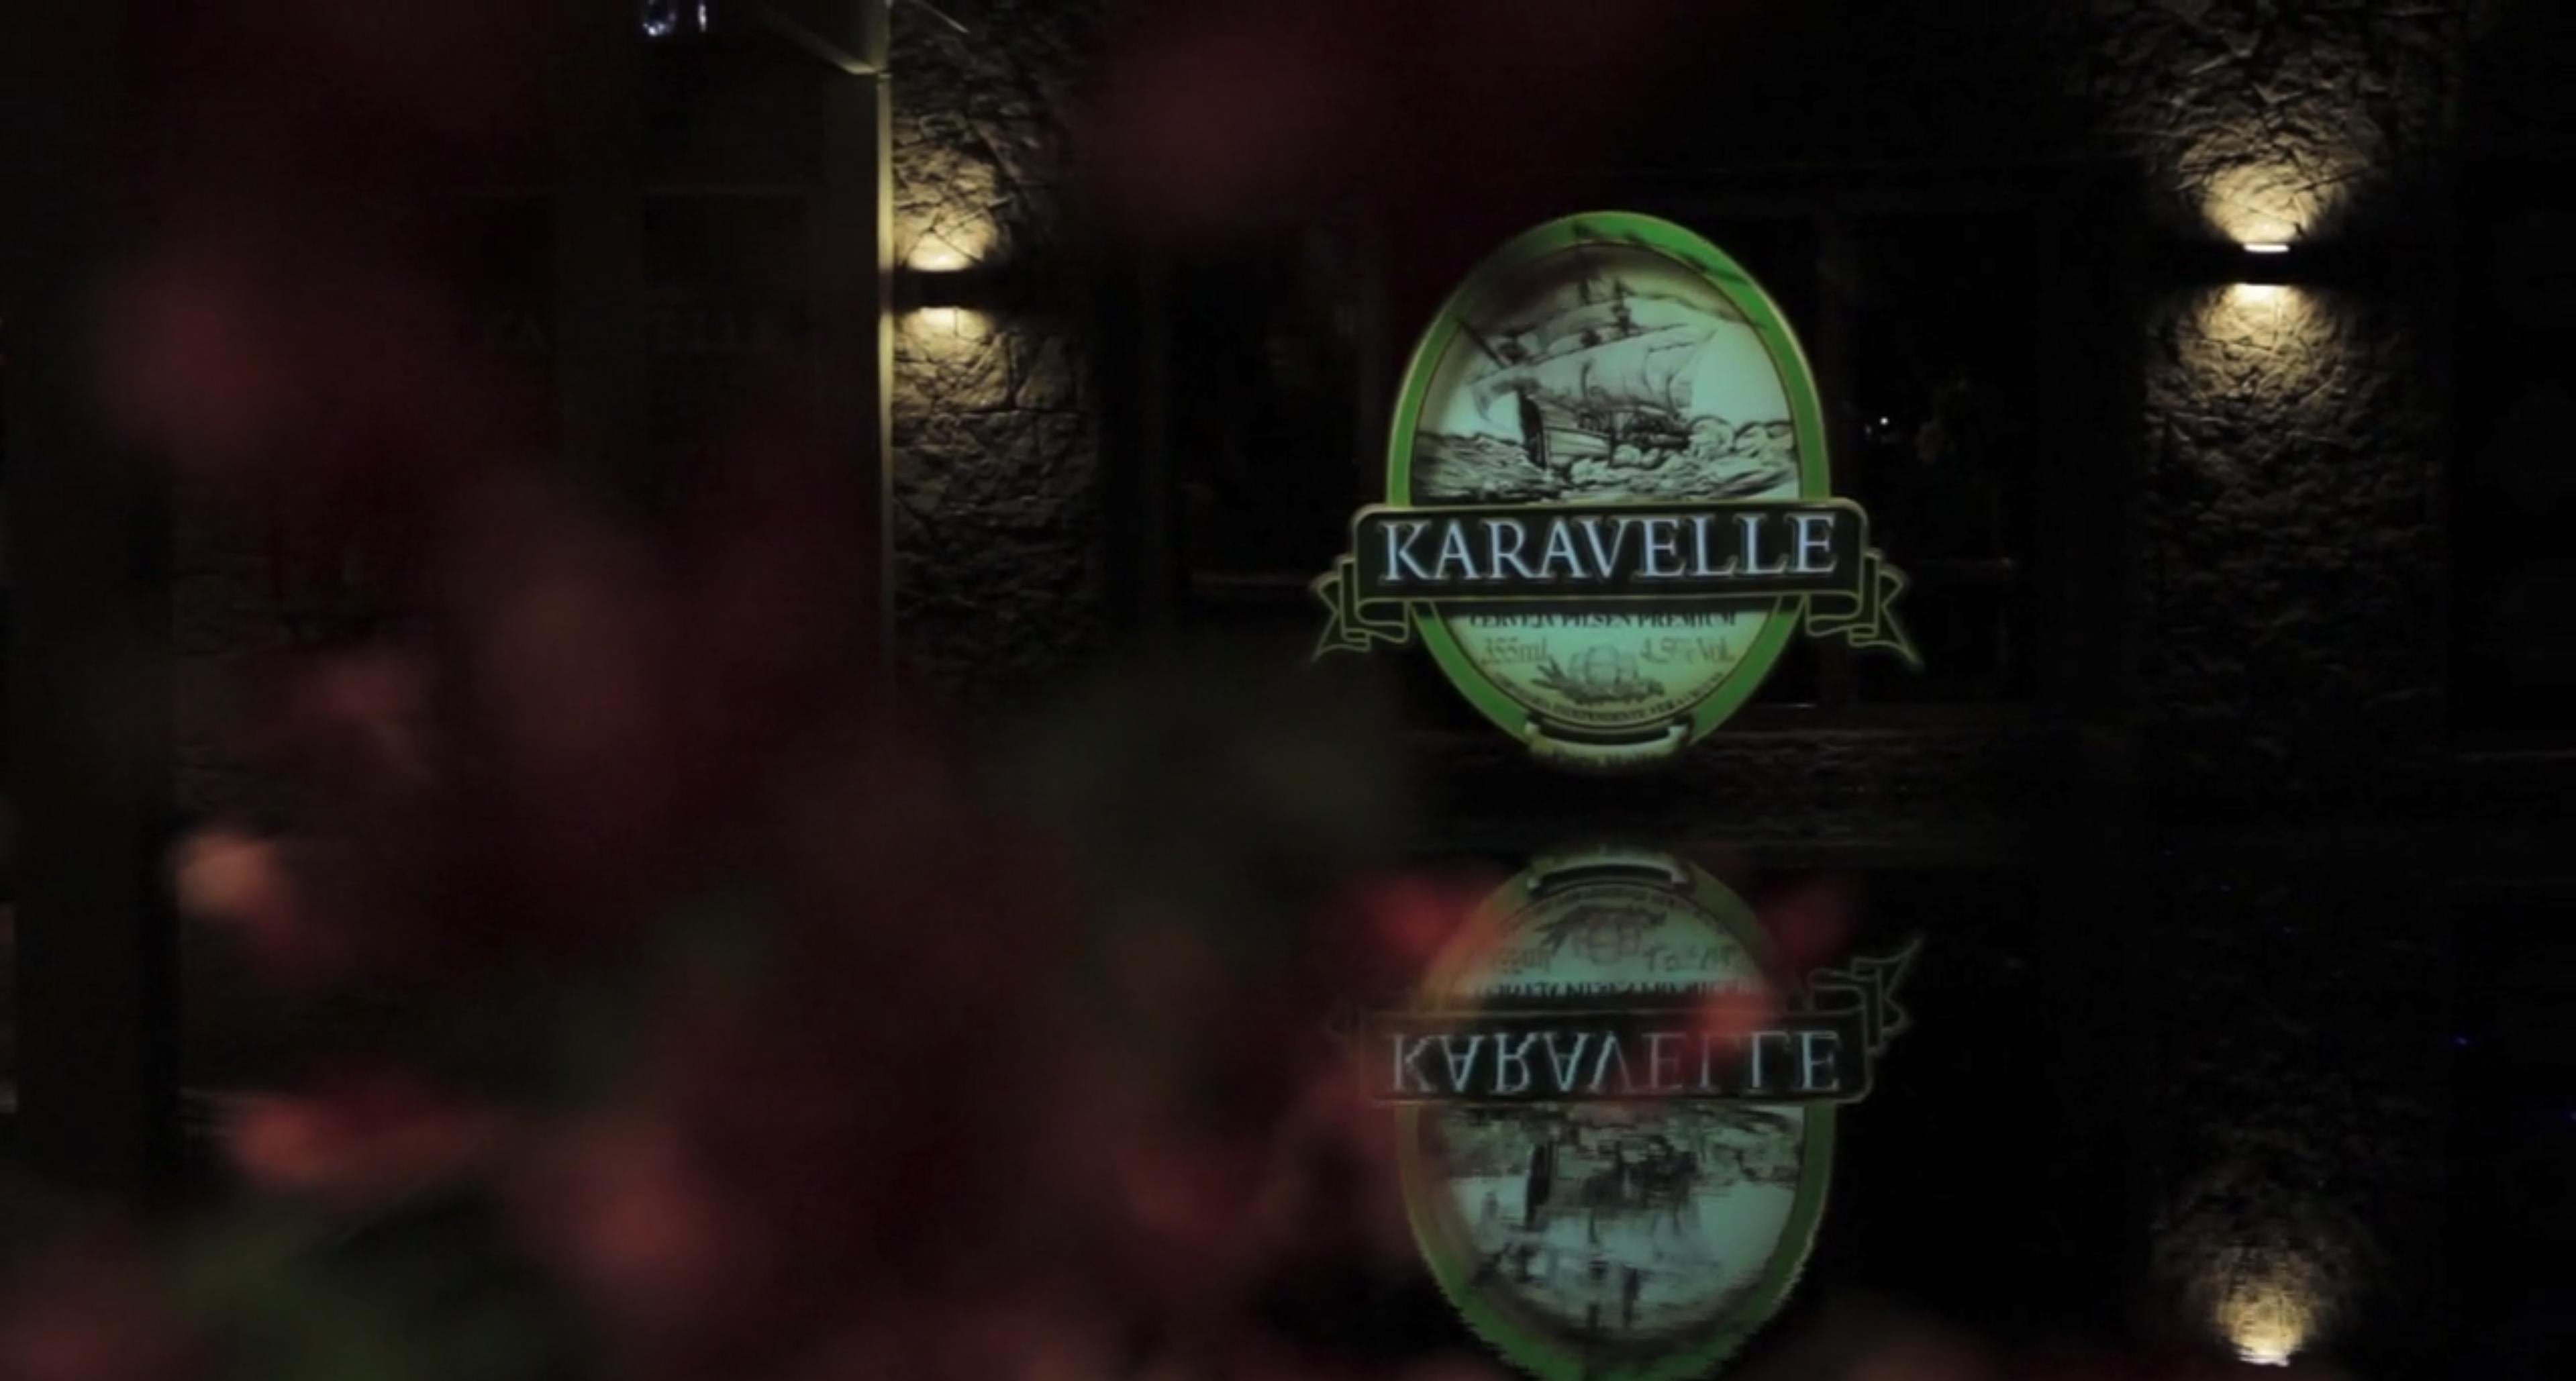 Karavelle